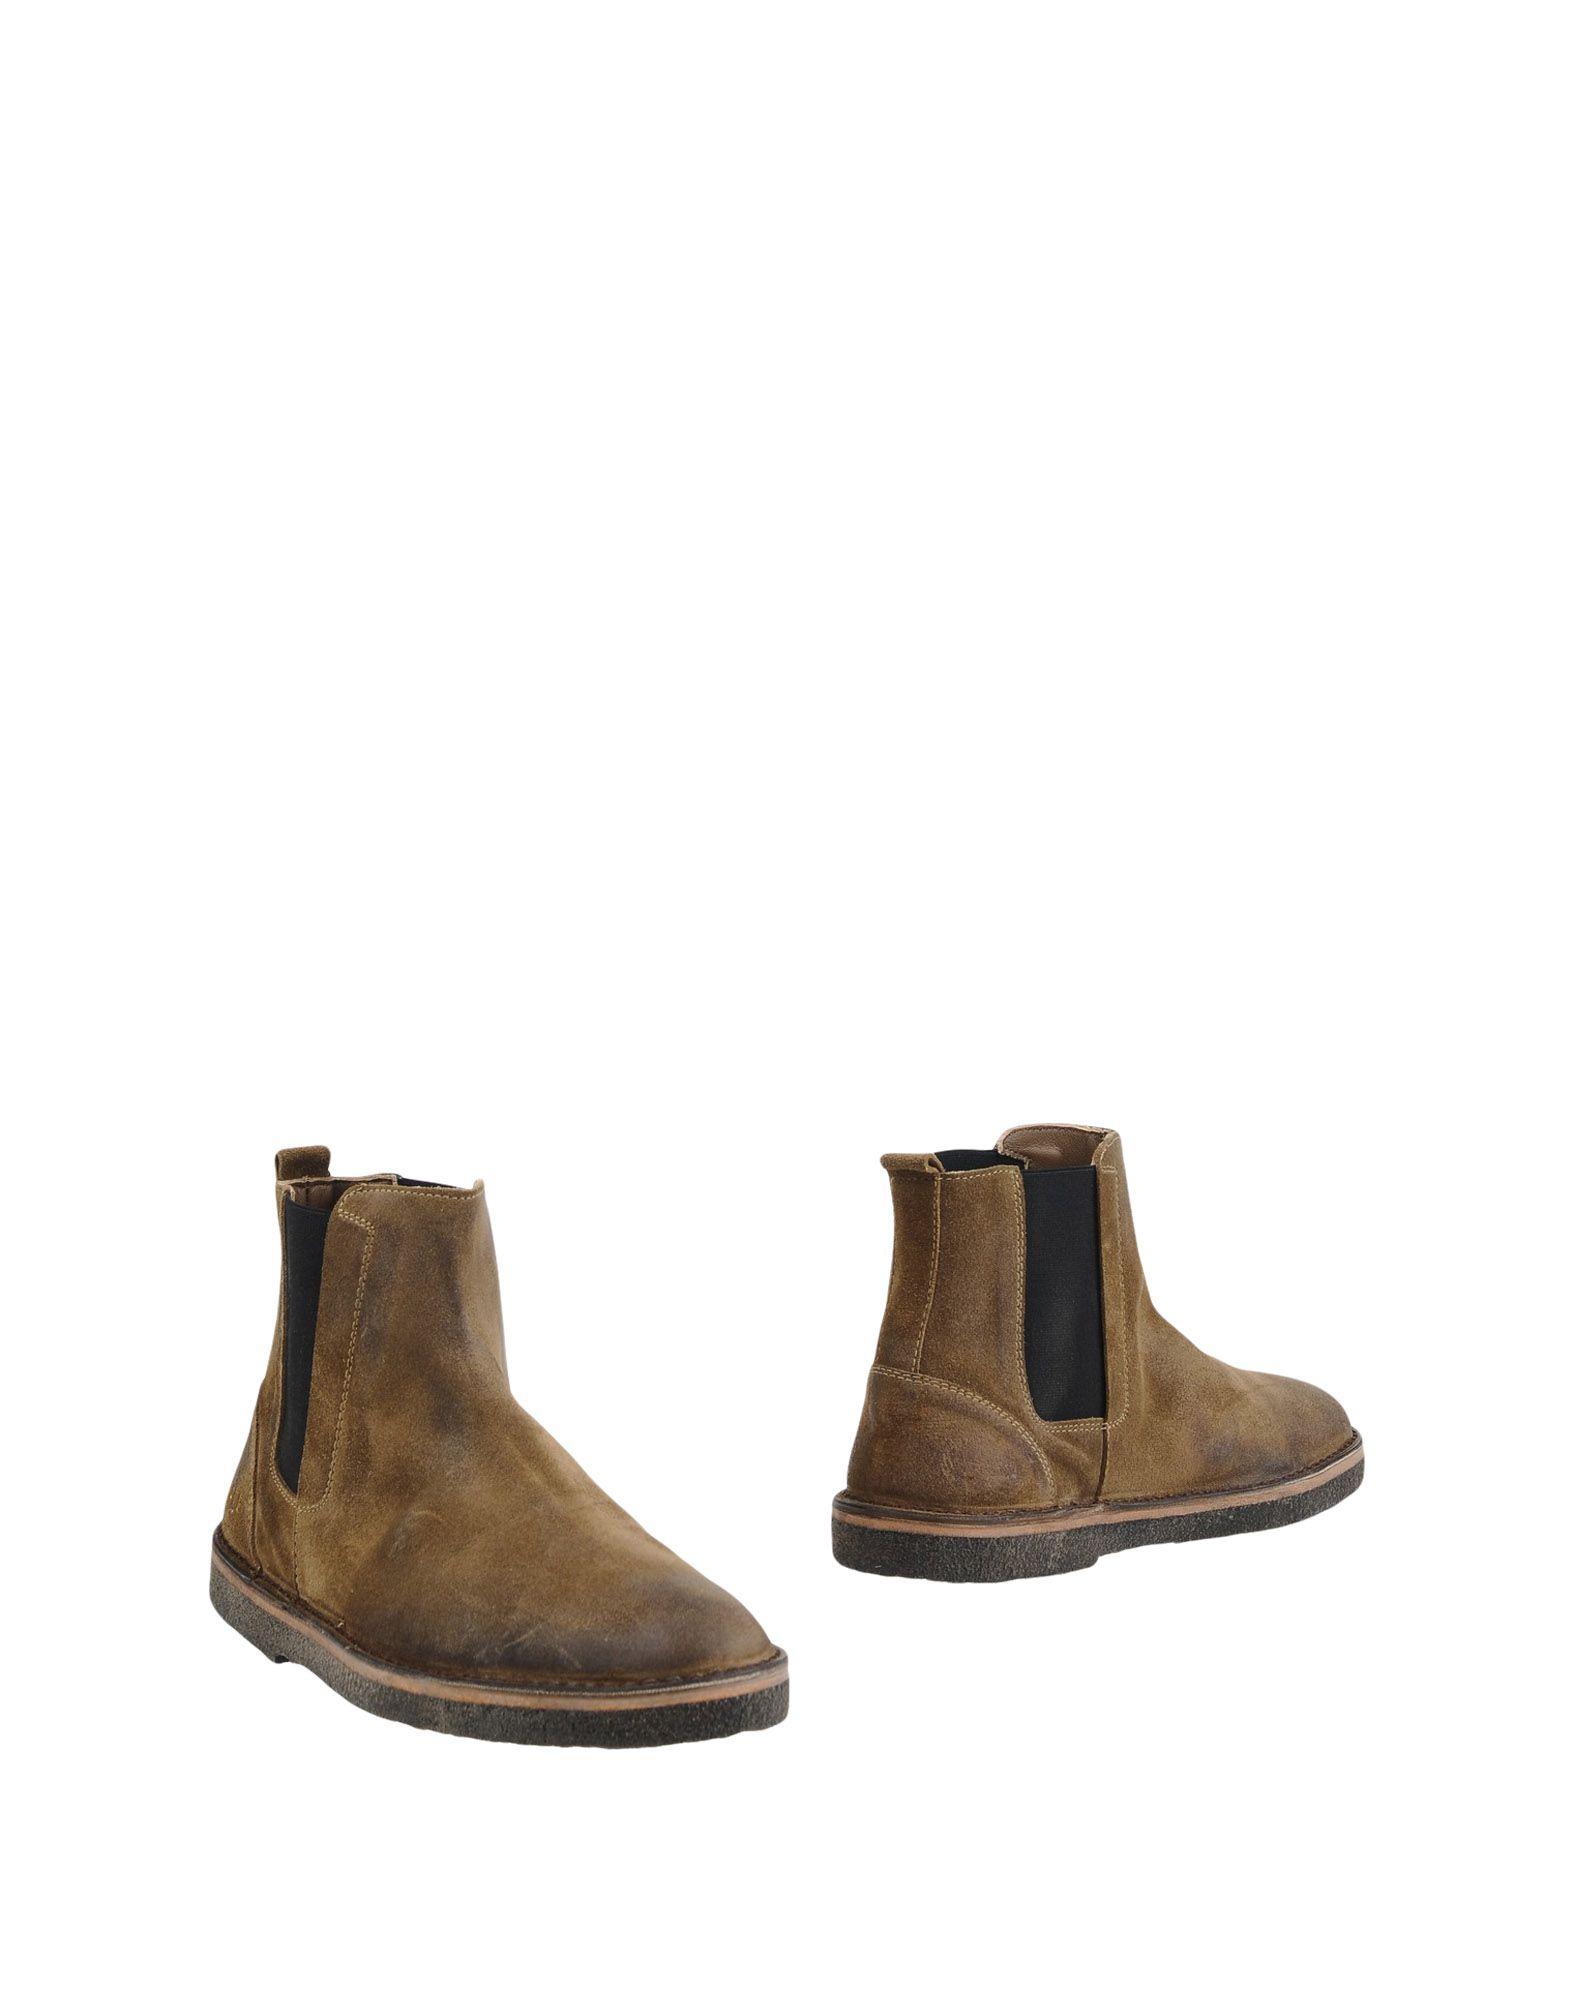 Golden Goose Deluxe Brand Stiefelette Herren  11241564EO Gute Qualität beliebte Schuhe